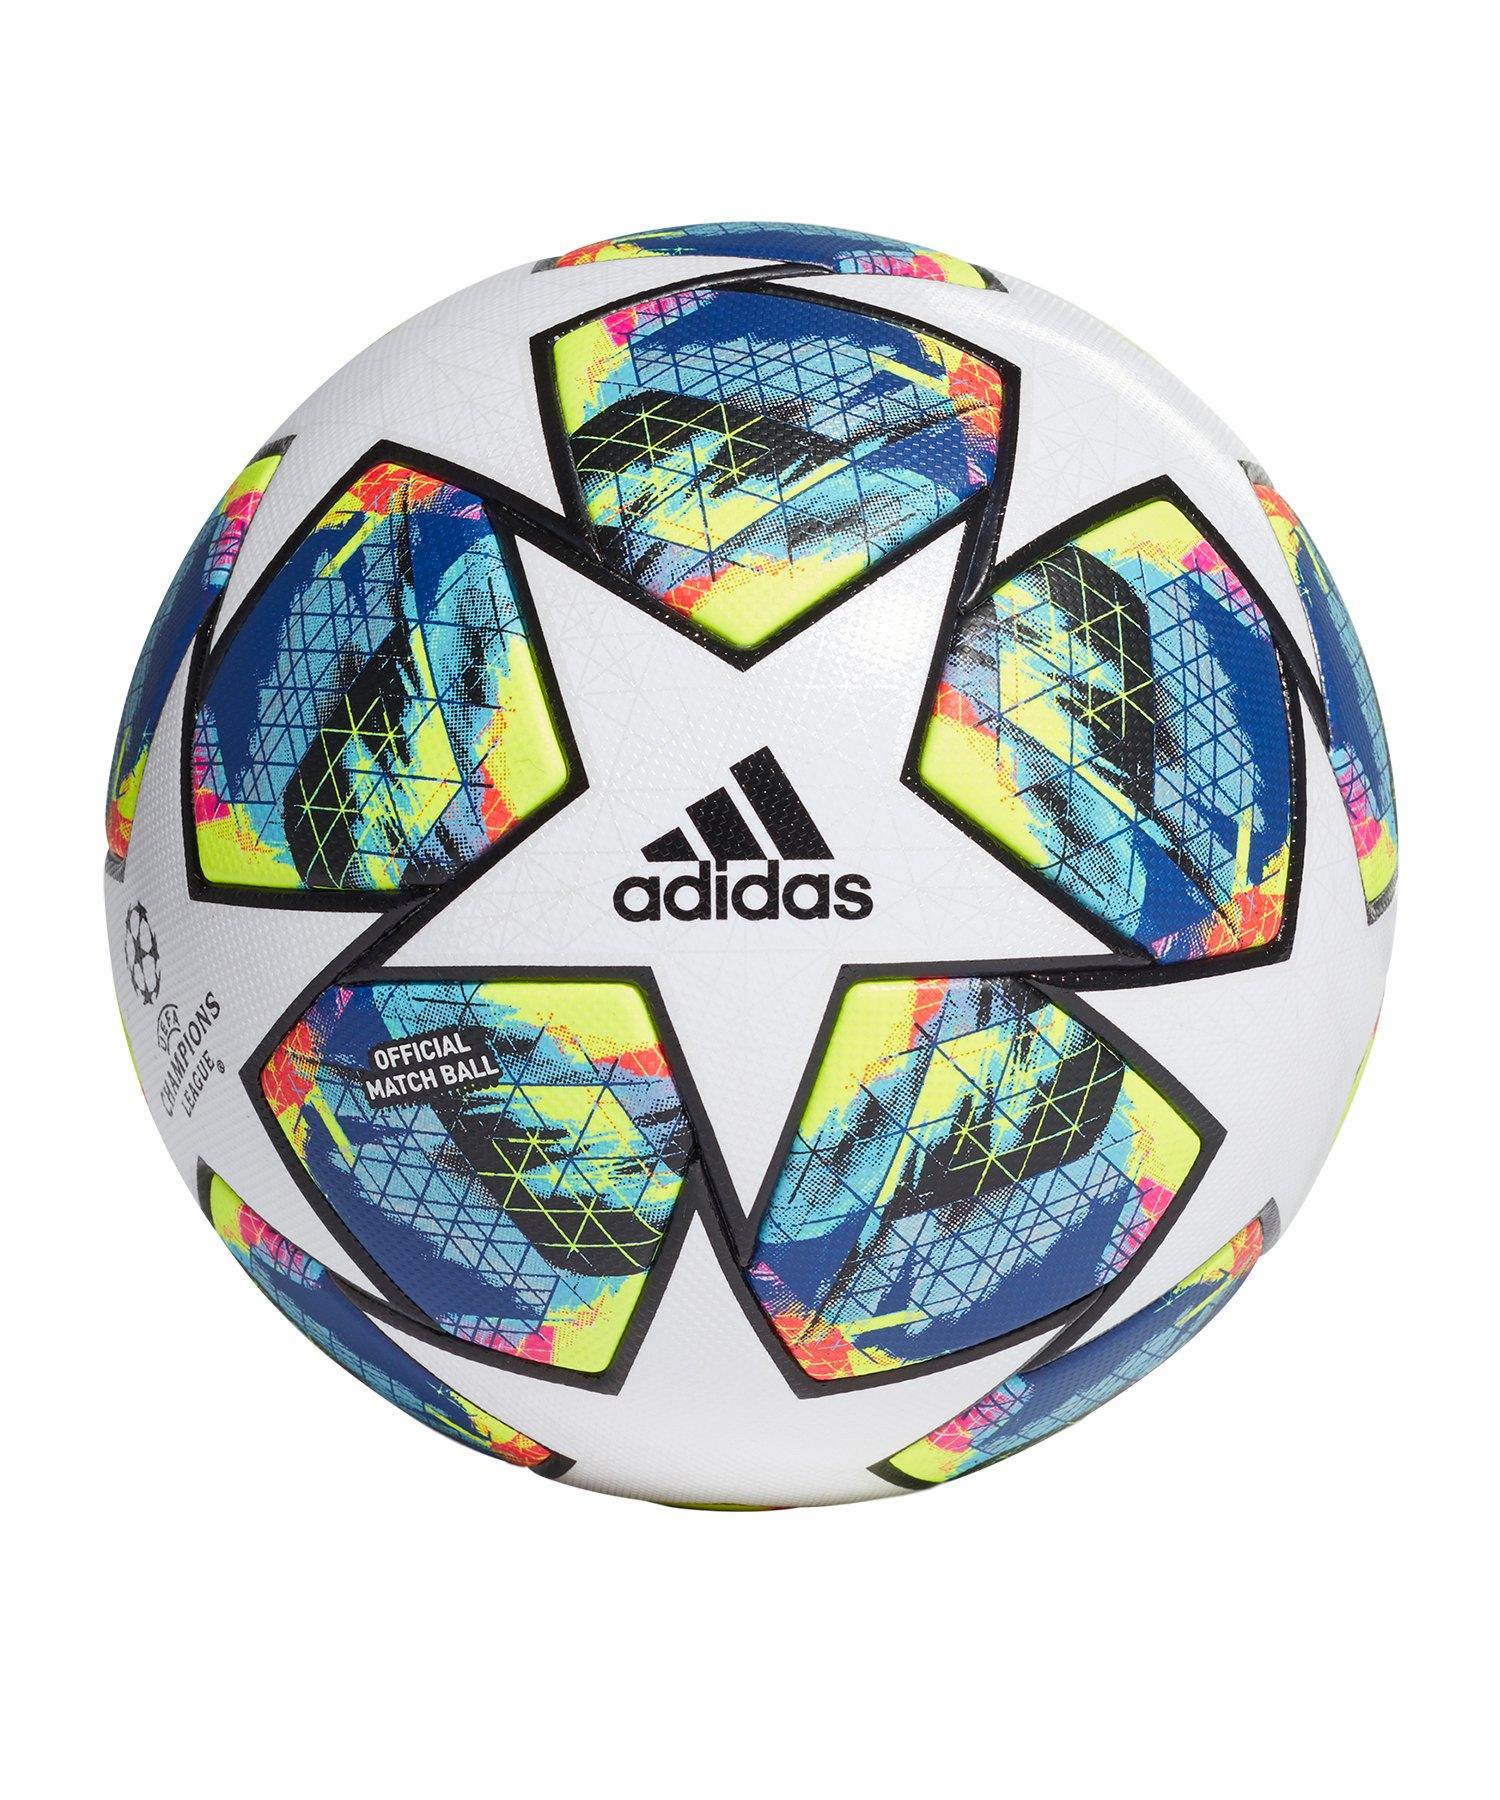 adidas Finale OMB Spielball Weiss Gelb - weiss